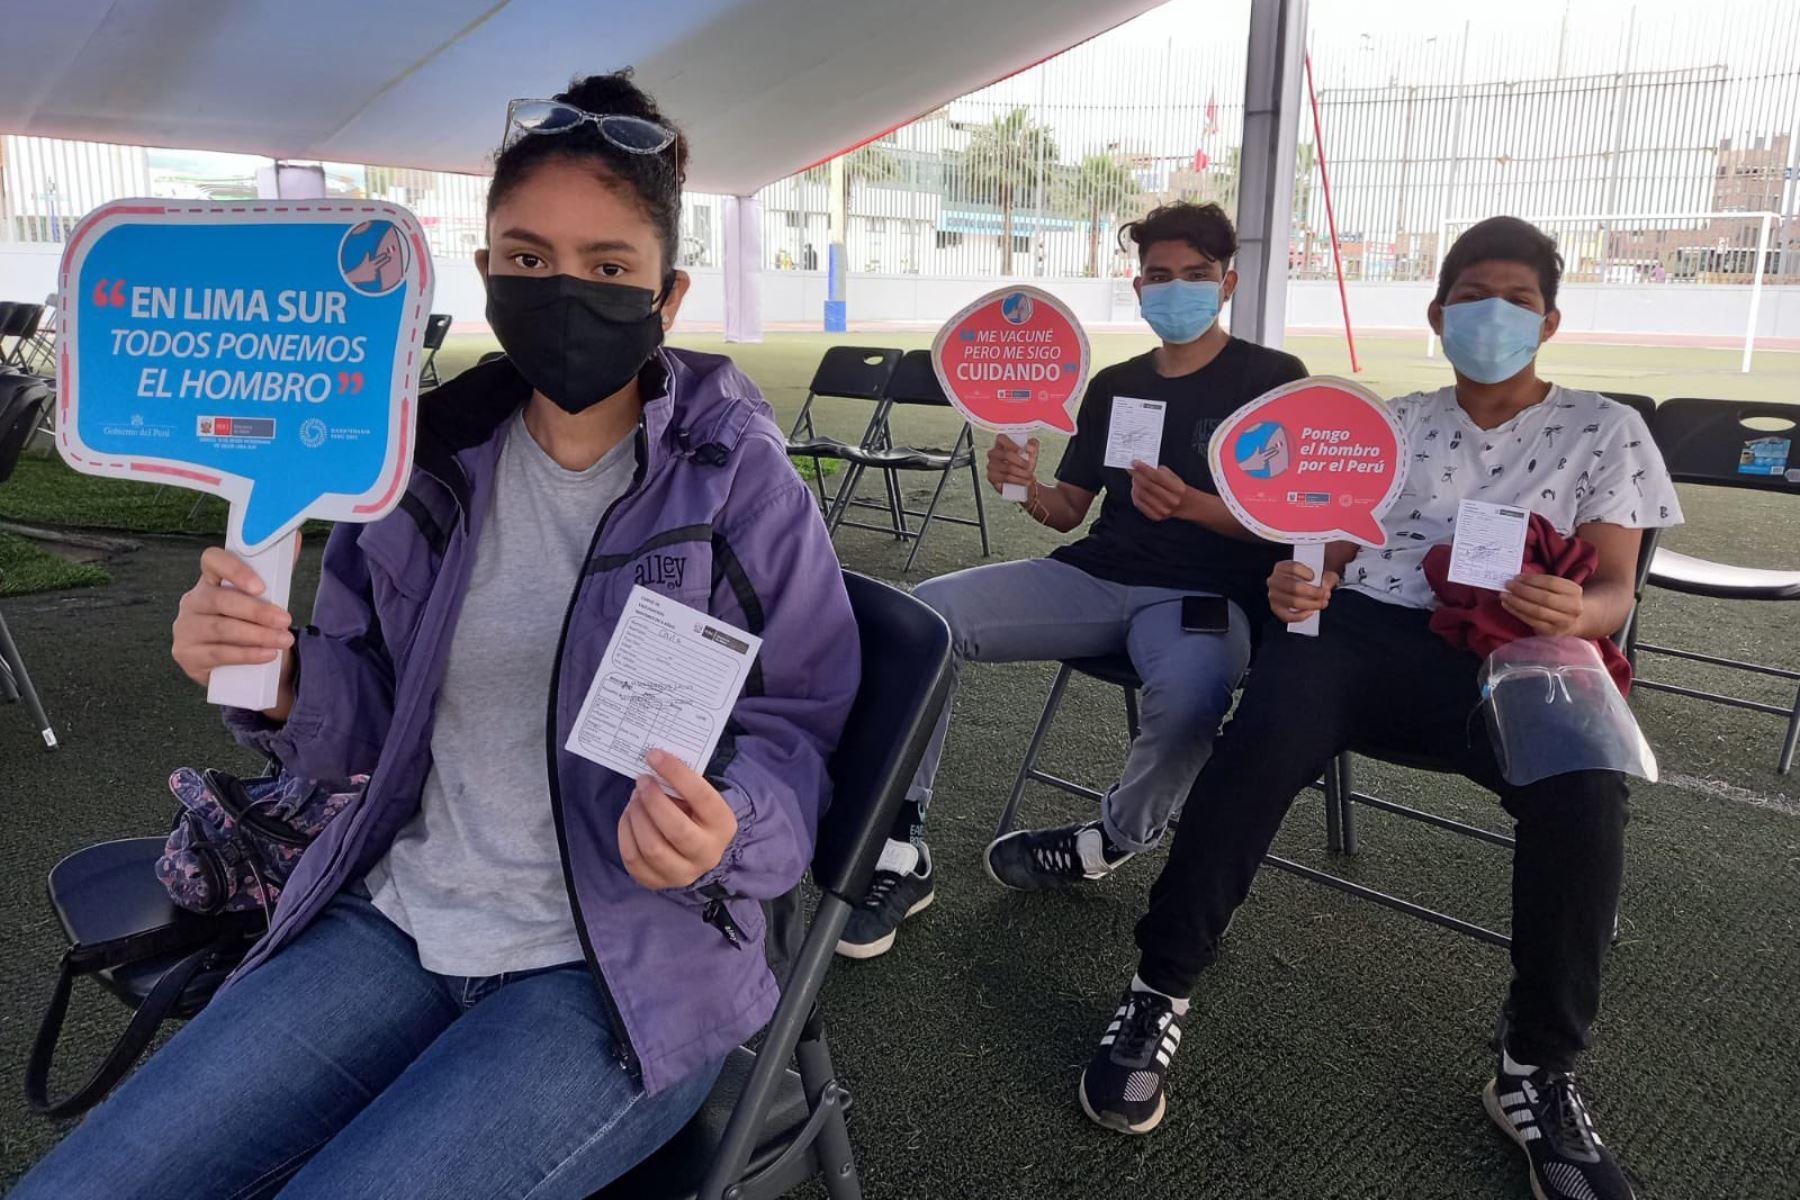 En el Complejo Deportivo N°01 de Chorrillos brigadas de la DIRIS Lima Sur vacunan a jóvenes mayores de 18 años. Foto: Minsa